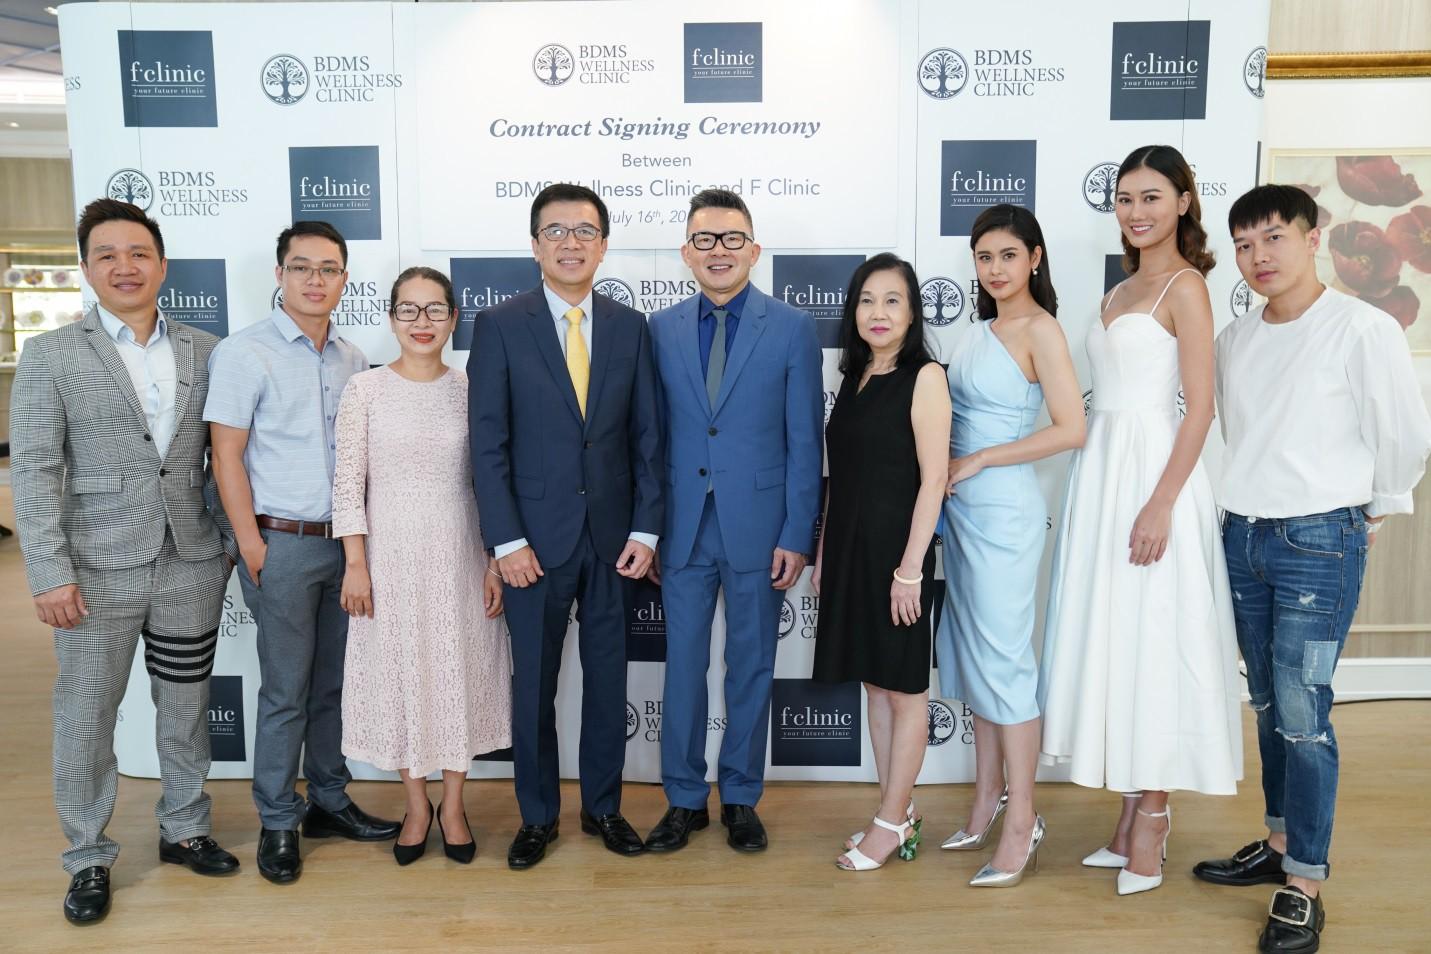 Future Clinic kết hợp BDMS Wellness Clinic Thái Lan đưa khoa học sức khỏe lên tầm tiêu chuẩn quốc tế - Ảnh 3.